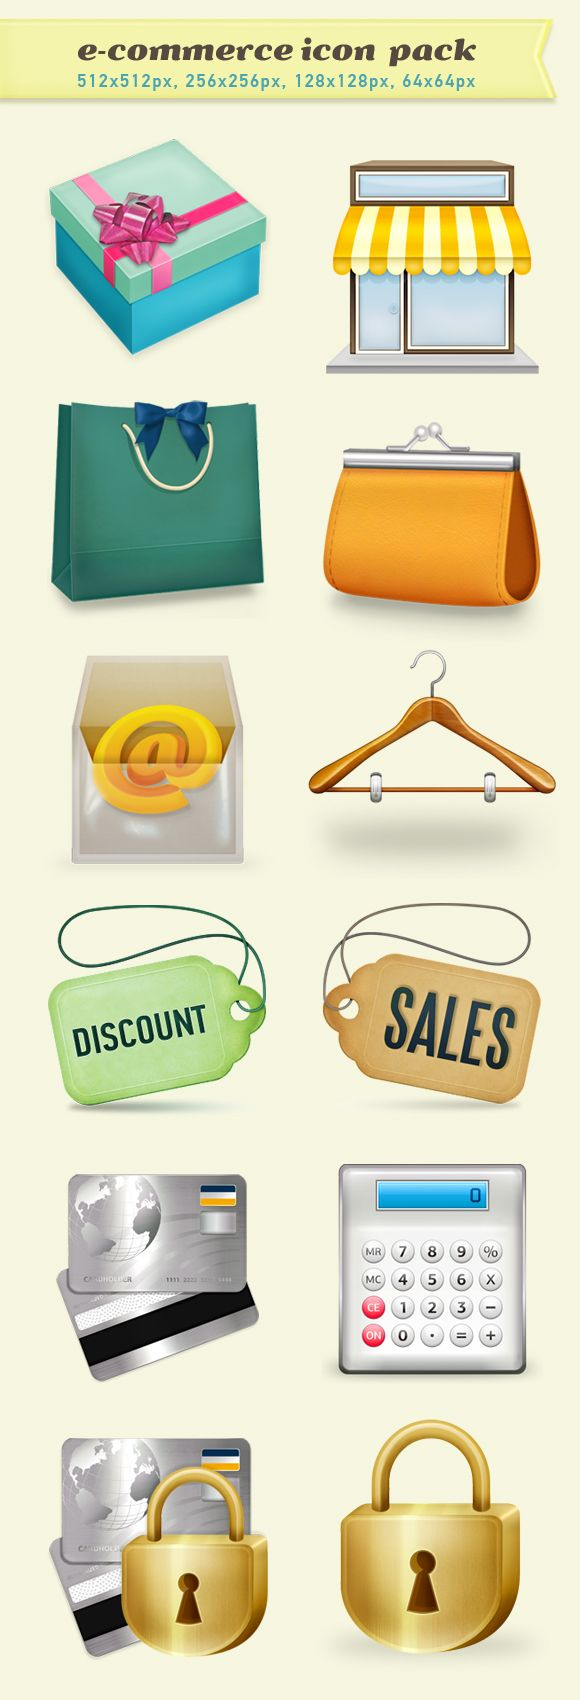 Wireless icon line iconset iconsmind - Freebies Professional E Commerce Icons Set